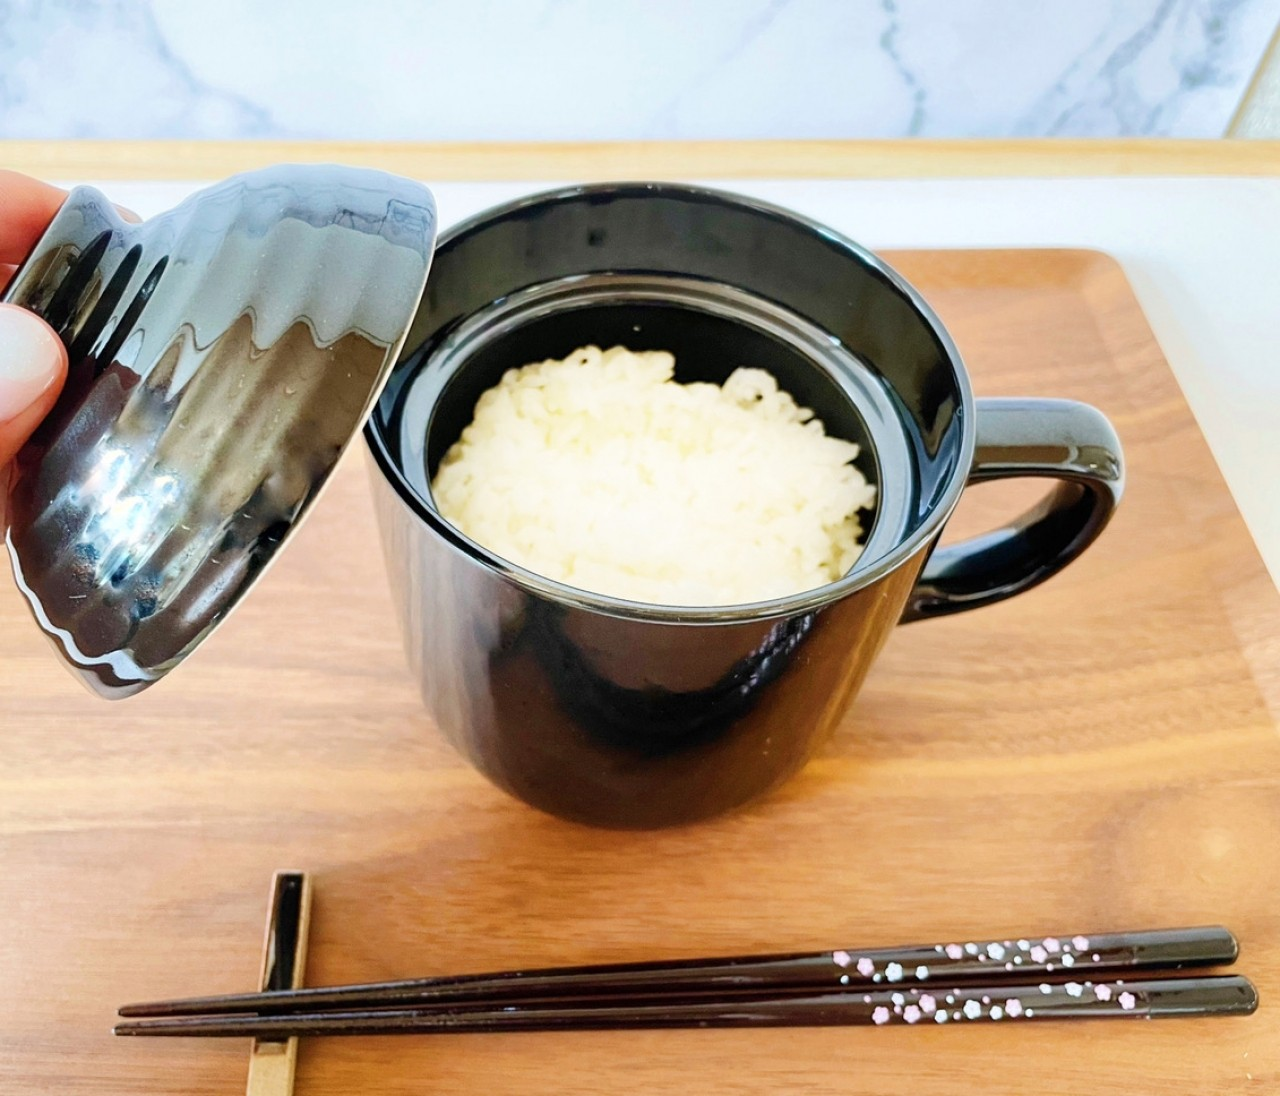 【ダイソー】電子レンジでごはんが炊ける「炊飯マグ」が超優秀!一人暮らしにもぴったり♡